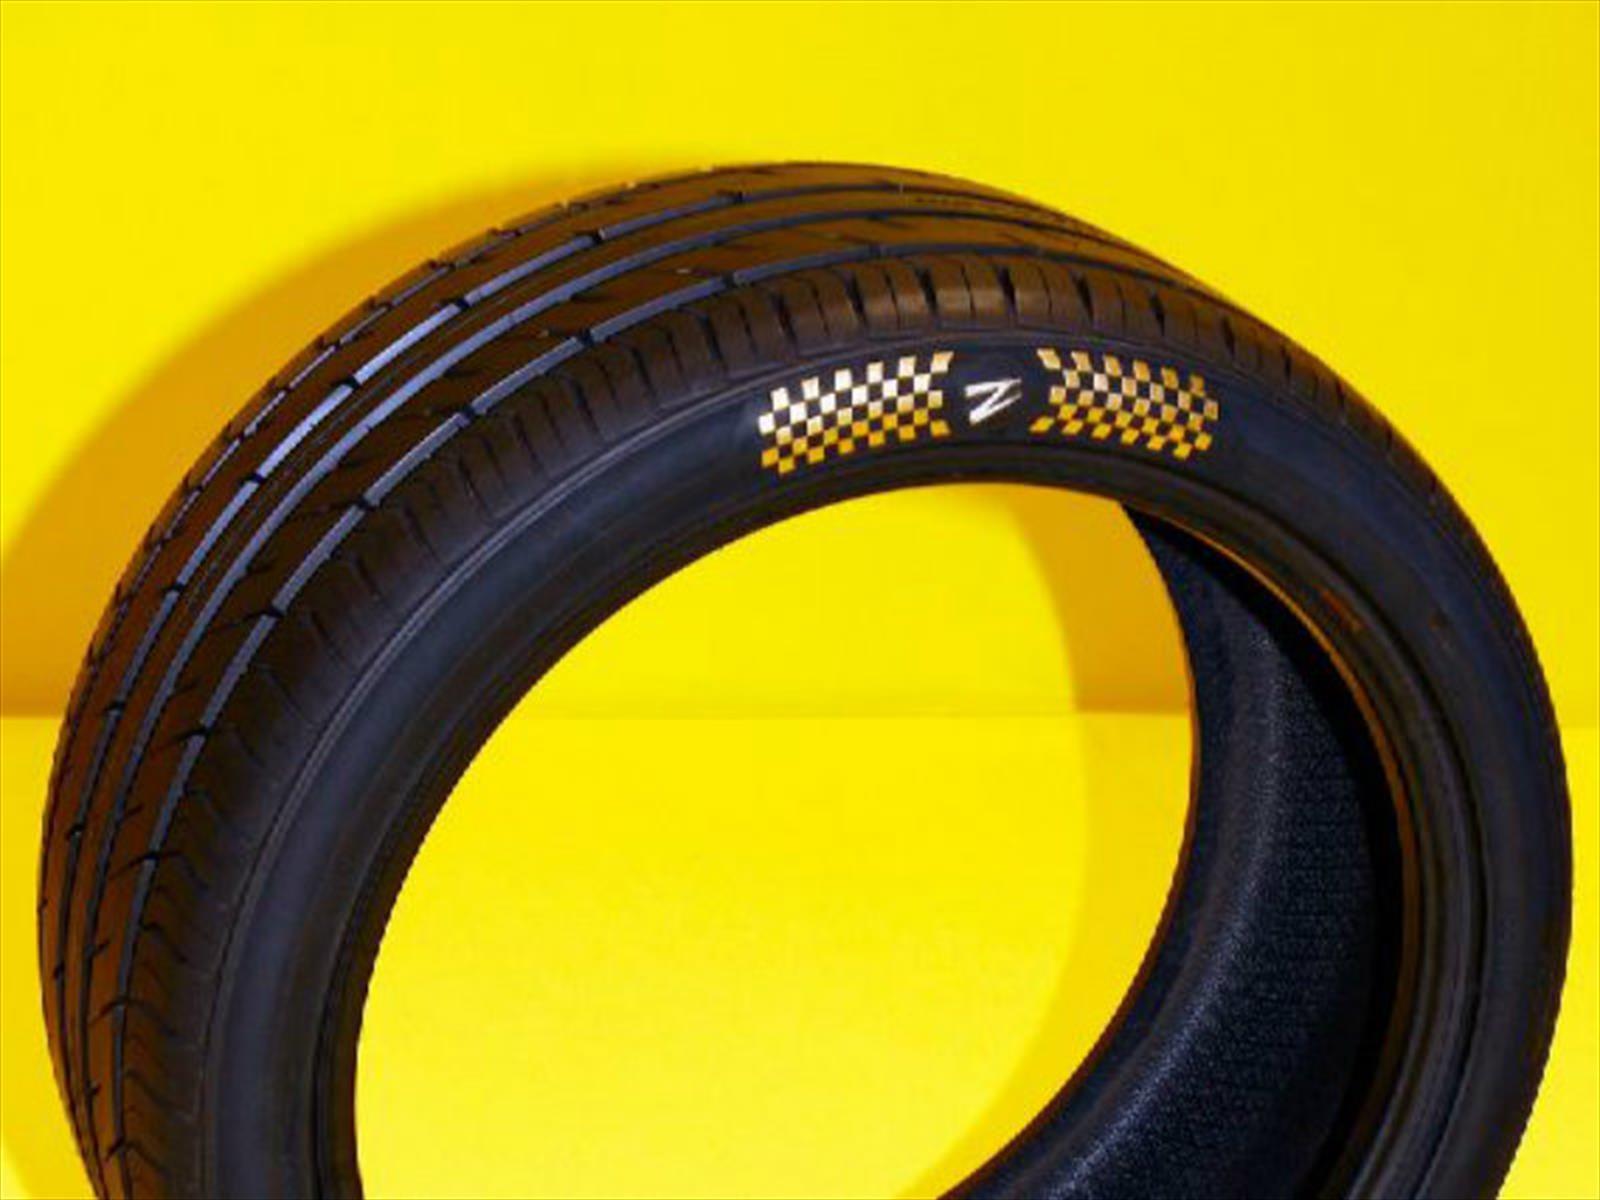 Estos son los neumáticos más caros del mundo